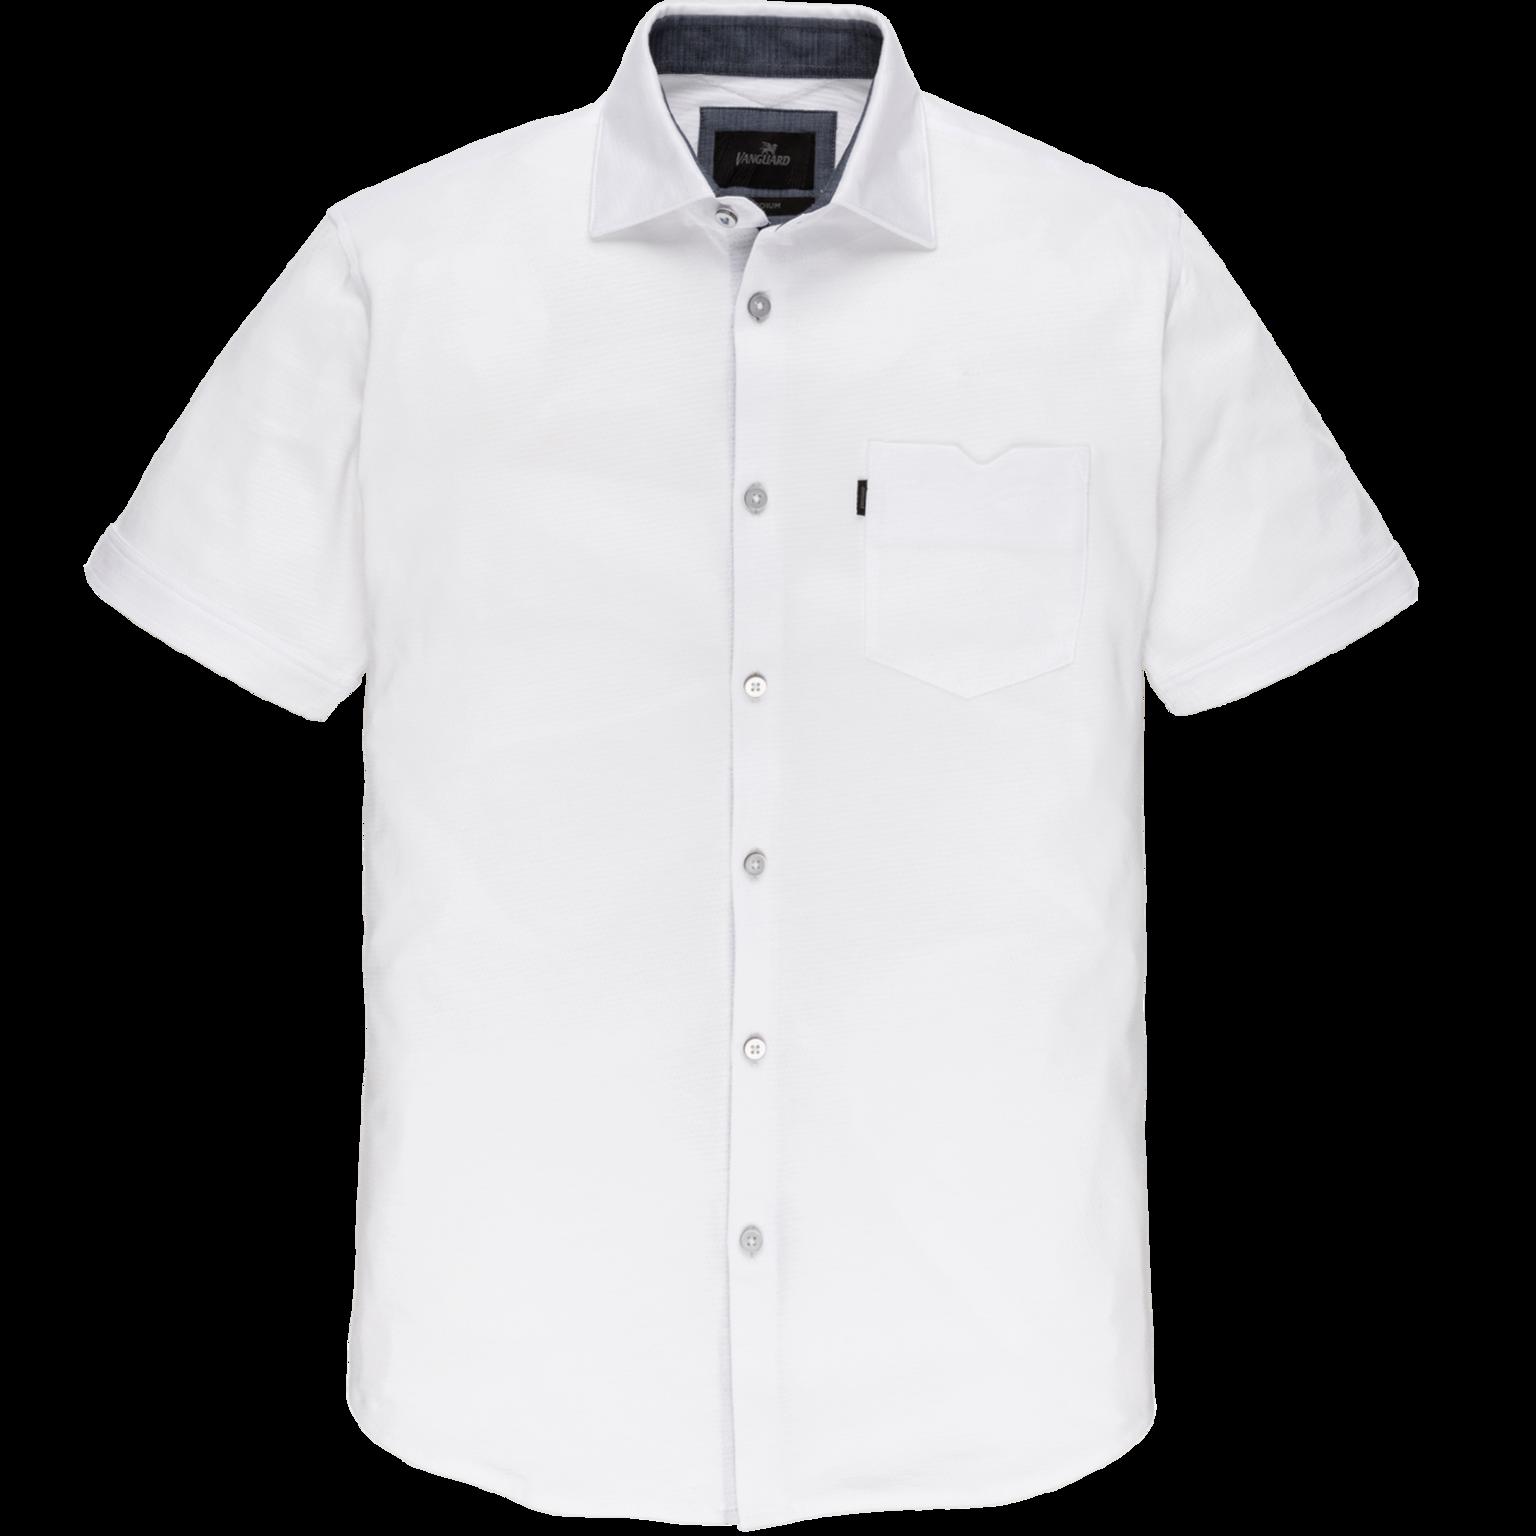 Wit heren overhemd met korte mouw Vanguard - VSIS203250 7003